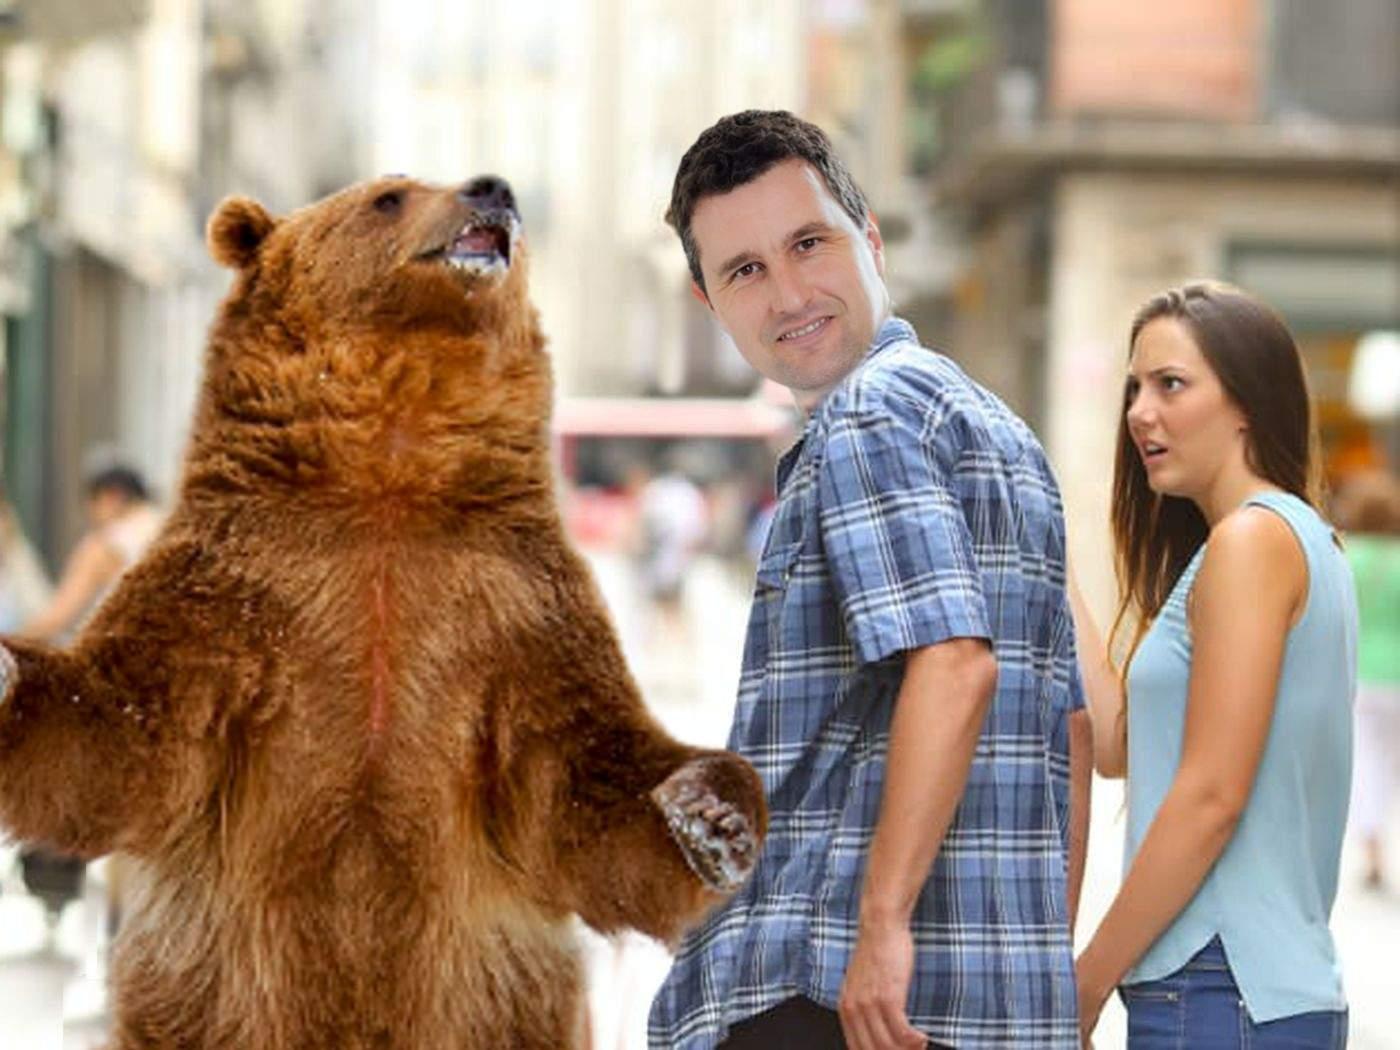 Soția lui Tanczos Barna se plânge că soțul ei se întâlnește cam des cu ursul